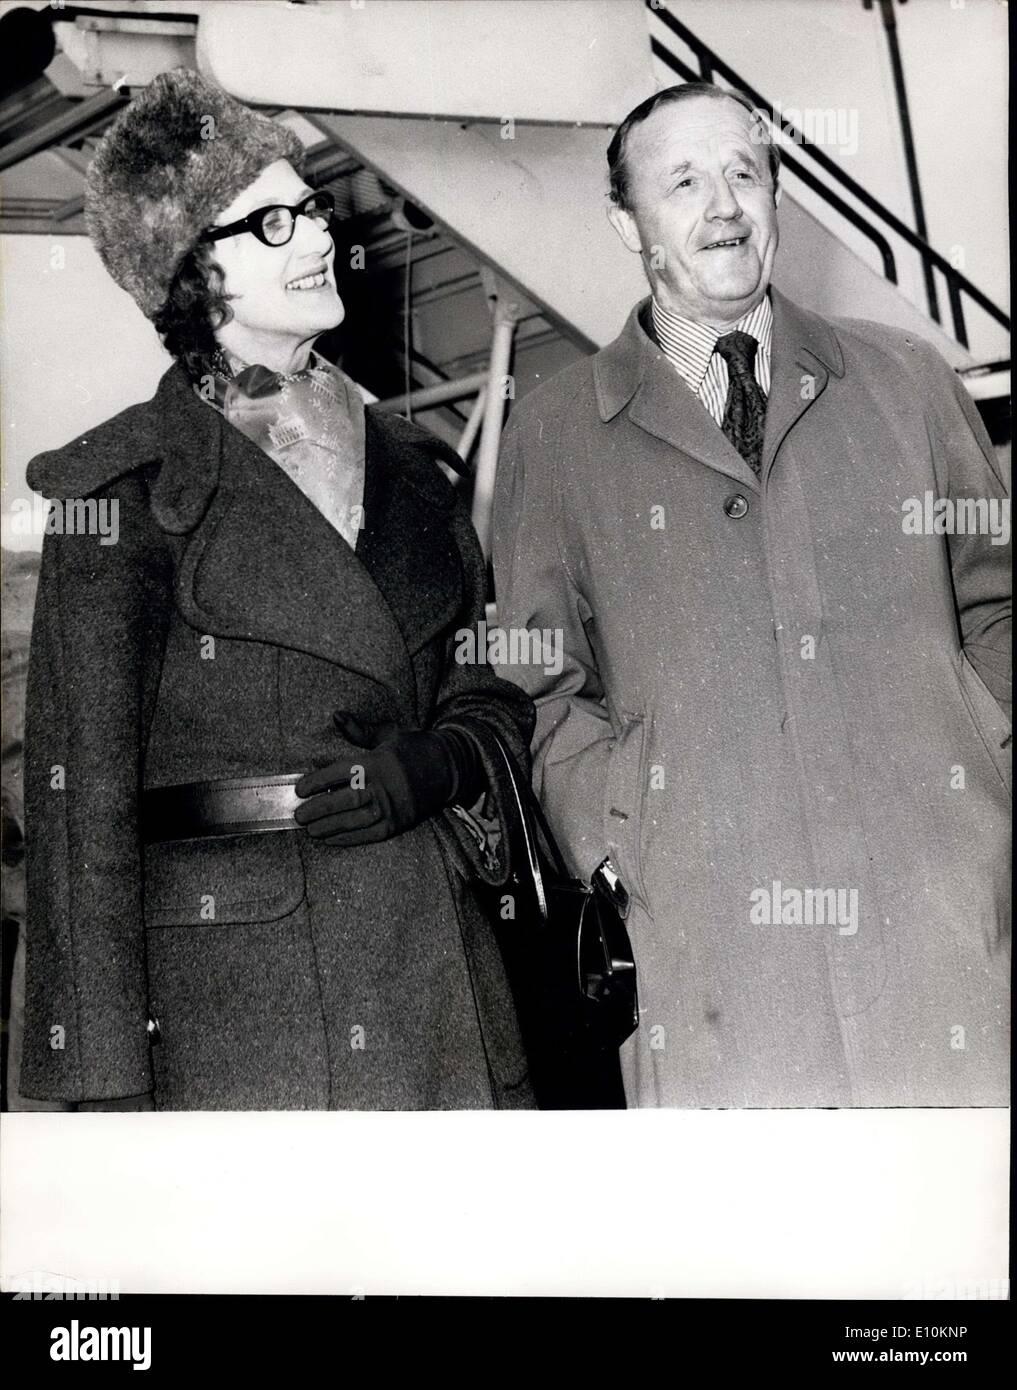 Mayo 06, 1973 - Guerra Fría hablar Fail Lady Tweedsmuir, Gran Bretaña;jefe negociador de nuevo en Londres ayer de Irlanda tras las conversaciones para poner fin a la disputa de la pesca se había roto. Con ella es el Sr. Stodart, Ministro de Estado para la Agricultura. Imagen De Stock